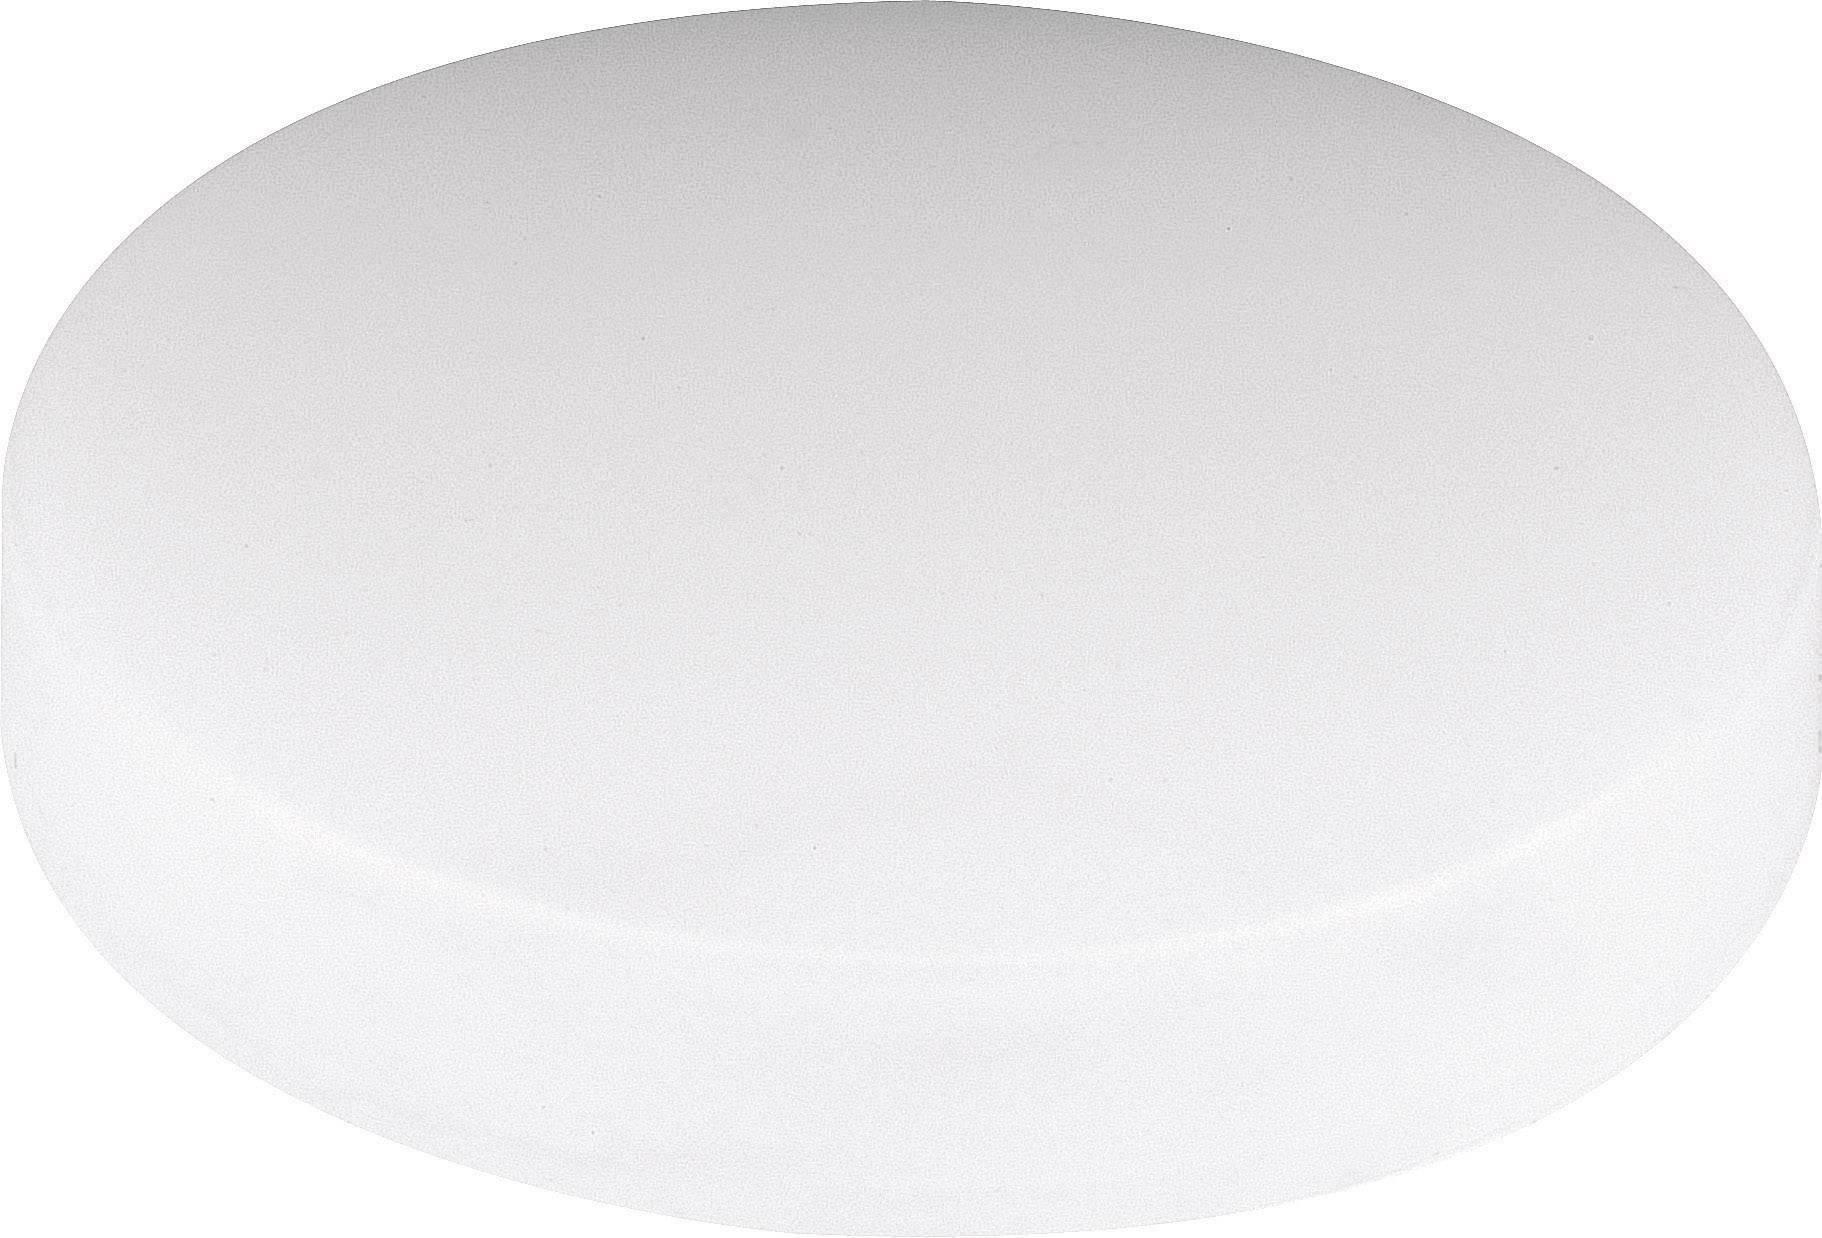 Světelná krytka pro reflektor Mentor, 2510.0600, 40 mm, (Ø x v) 41 mm x 7 mm, opálová